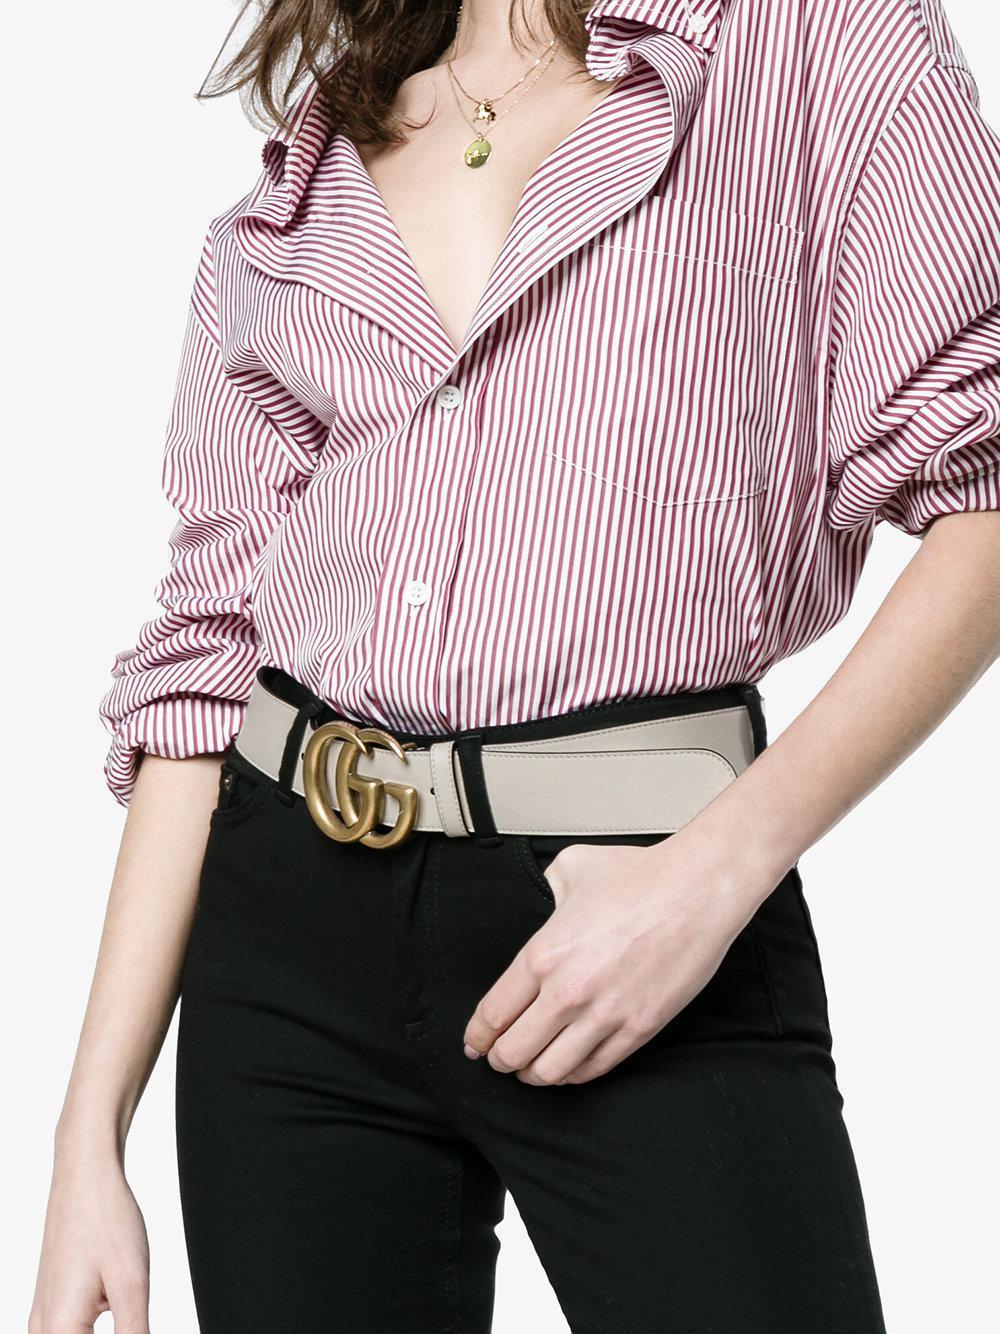 6f0b076f5d3 Gucci Marmont Belt Images - The Best Belt Produck